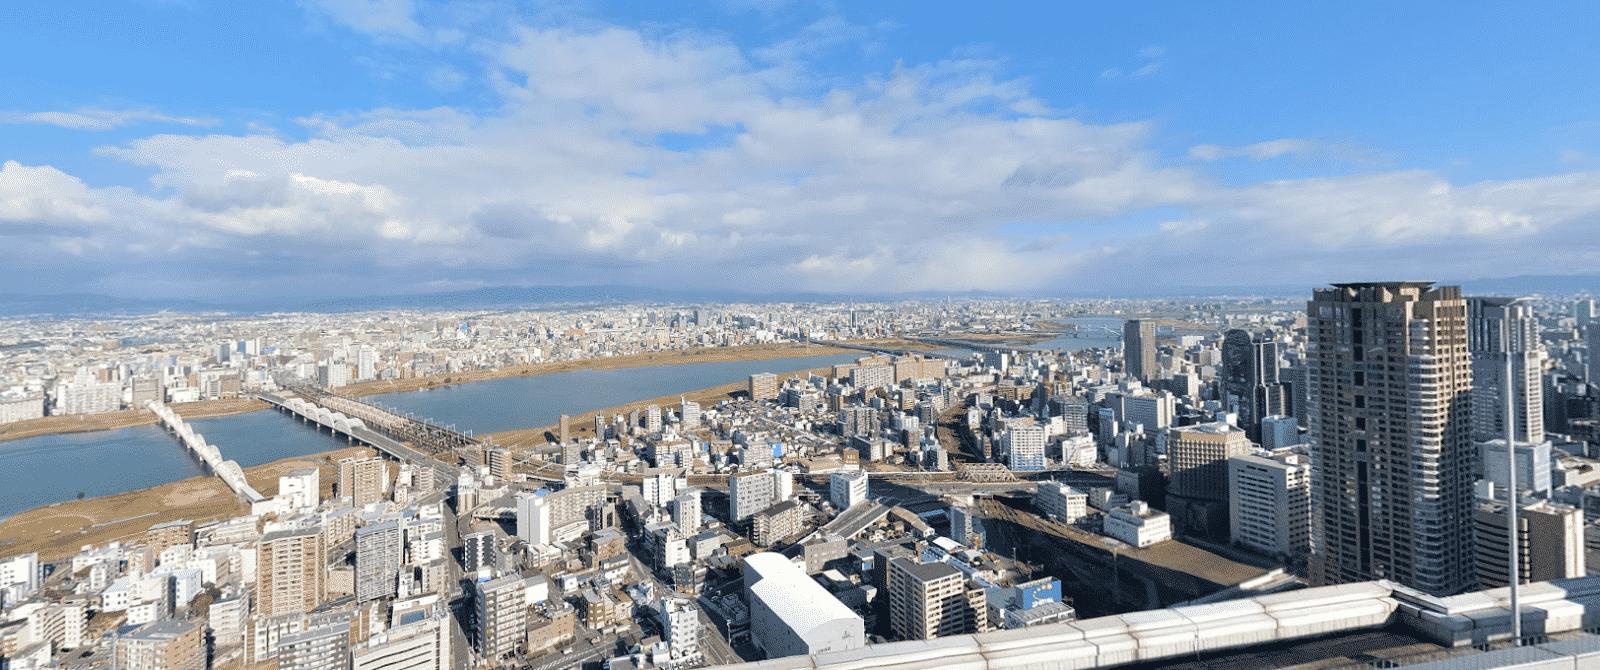 Osaka panorama view